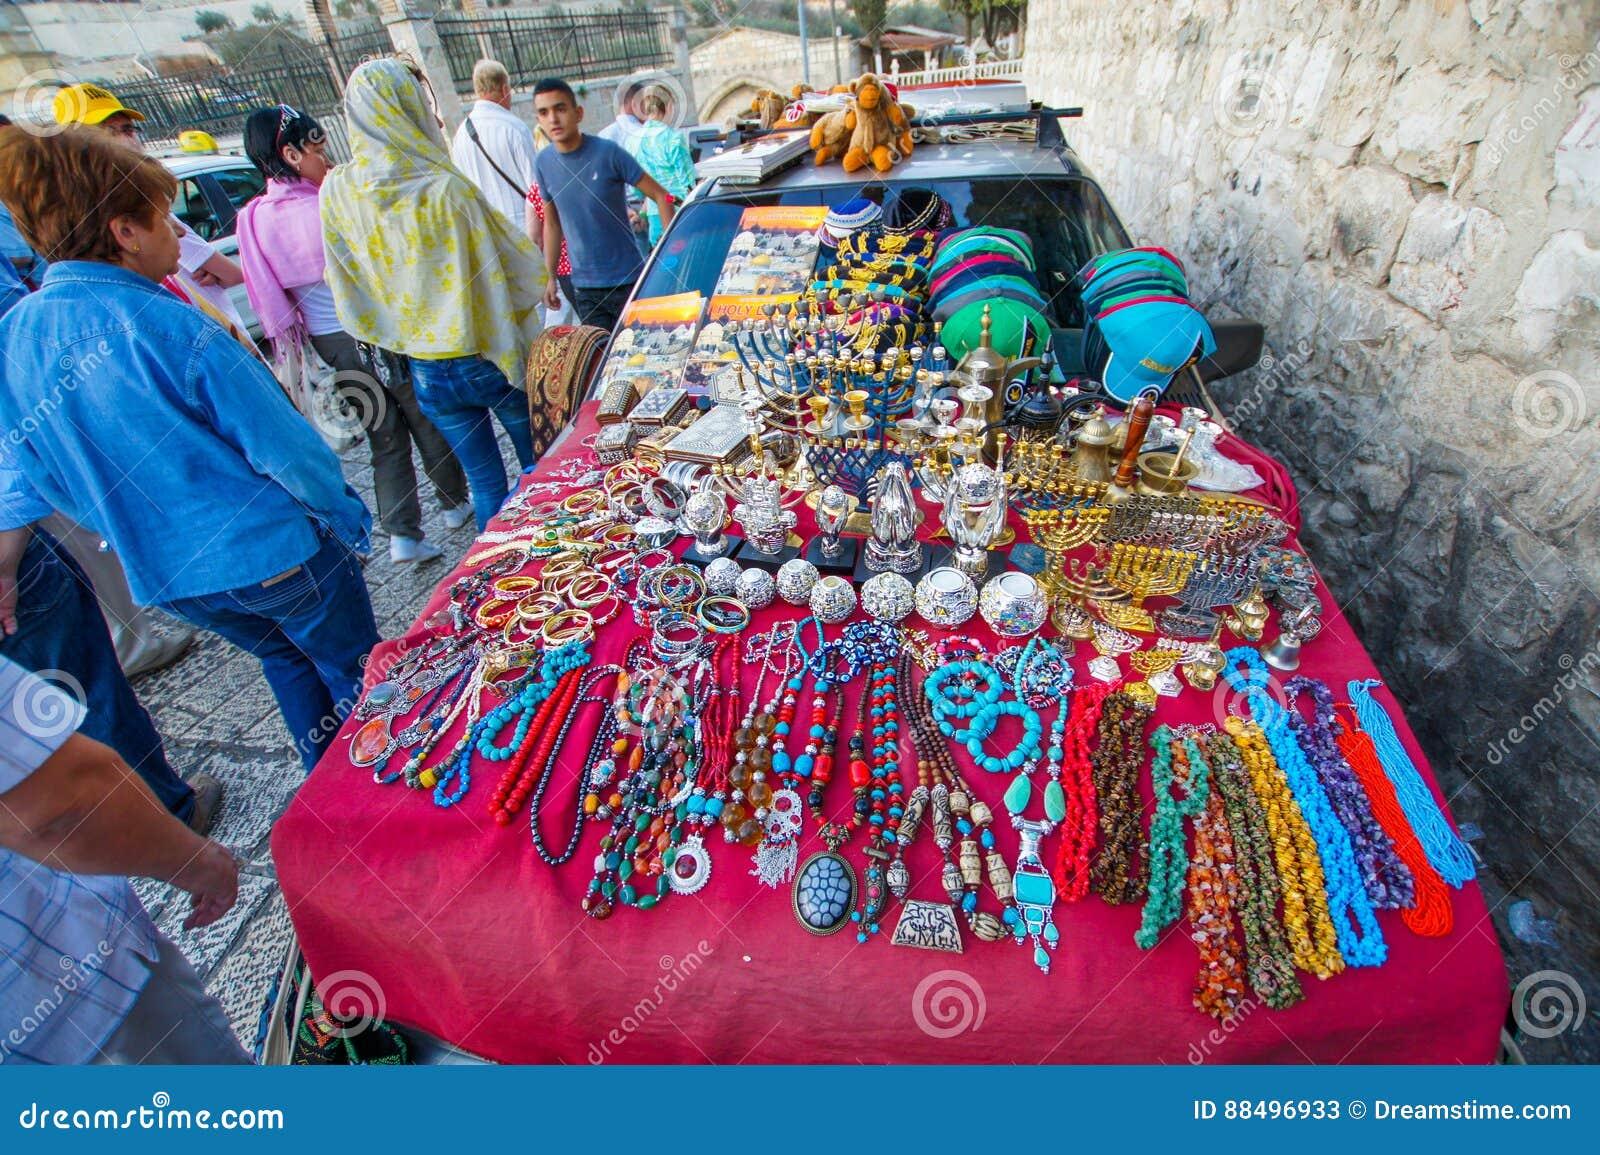 纪念品的卖主在以色列